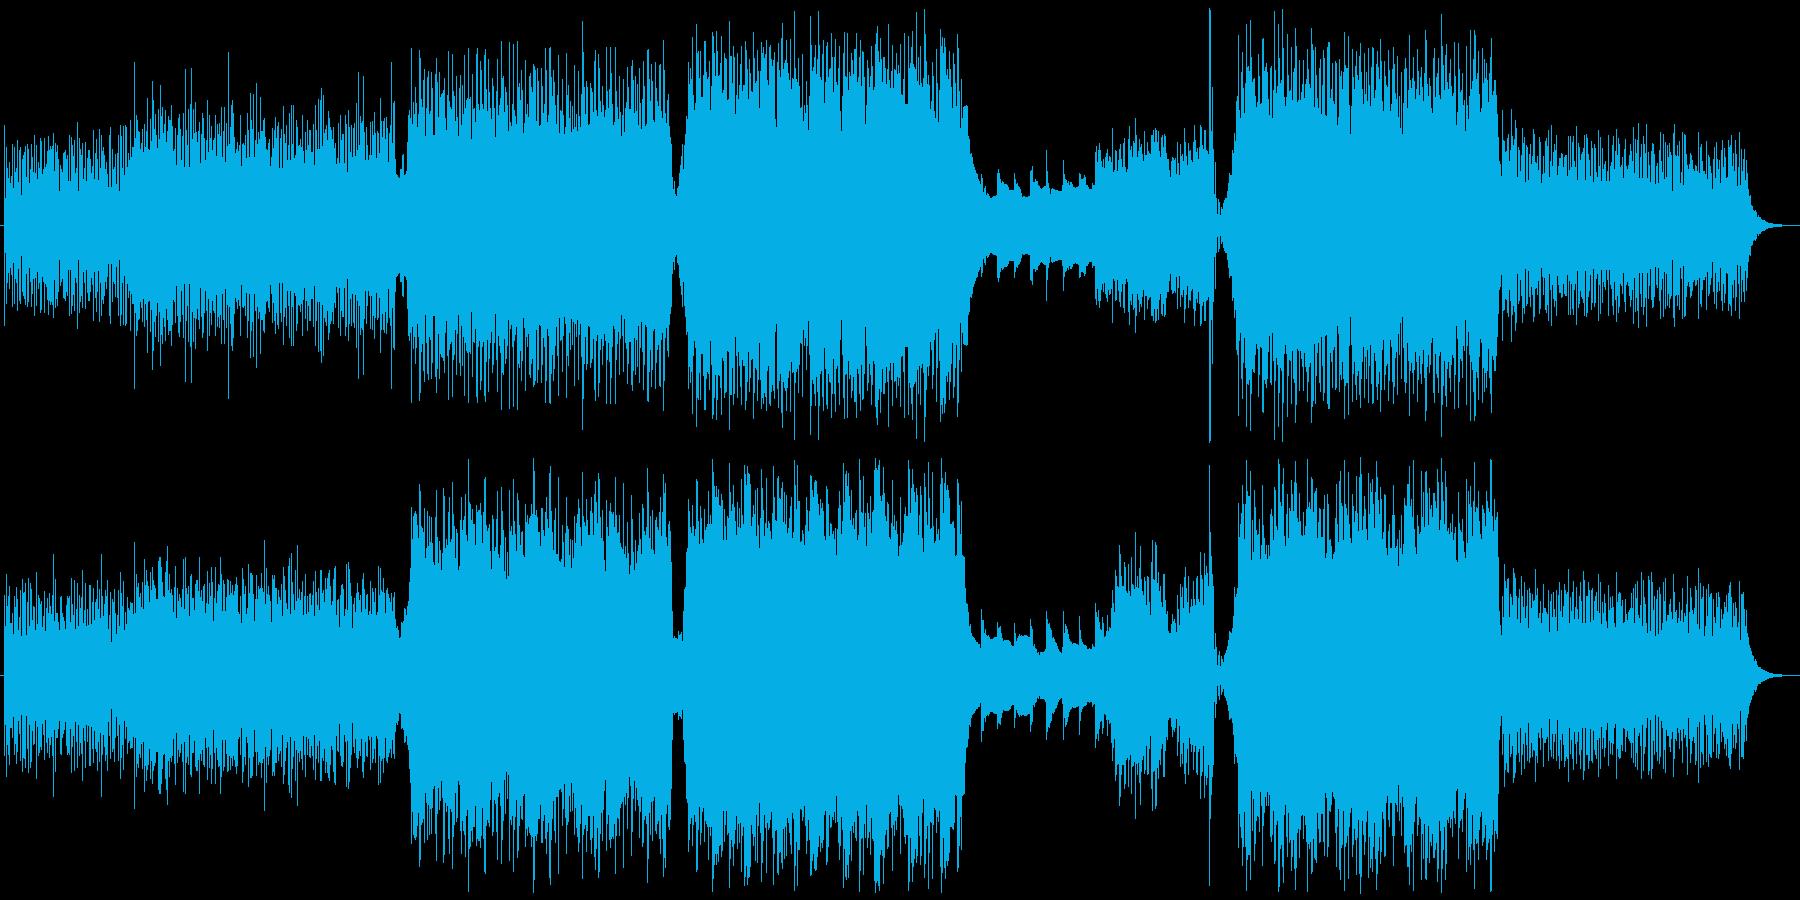 小鳥のさえずりのようなアンビエント系BGの再生済みの波形